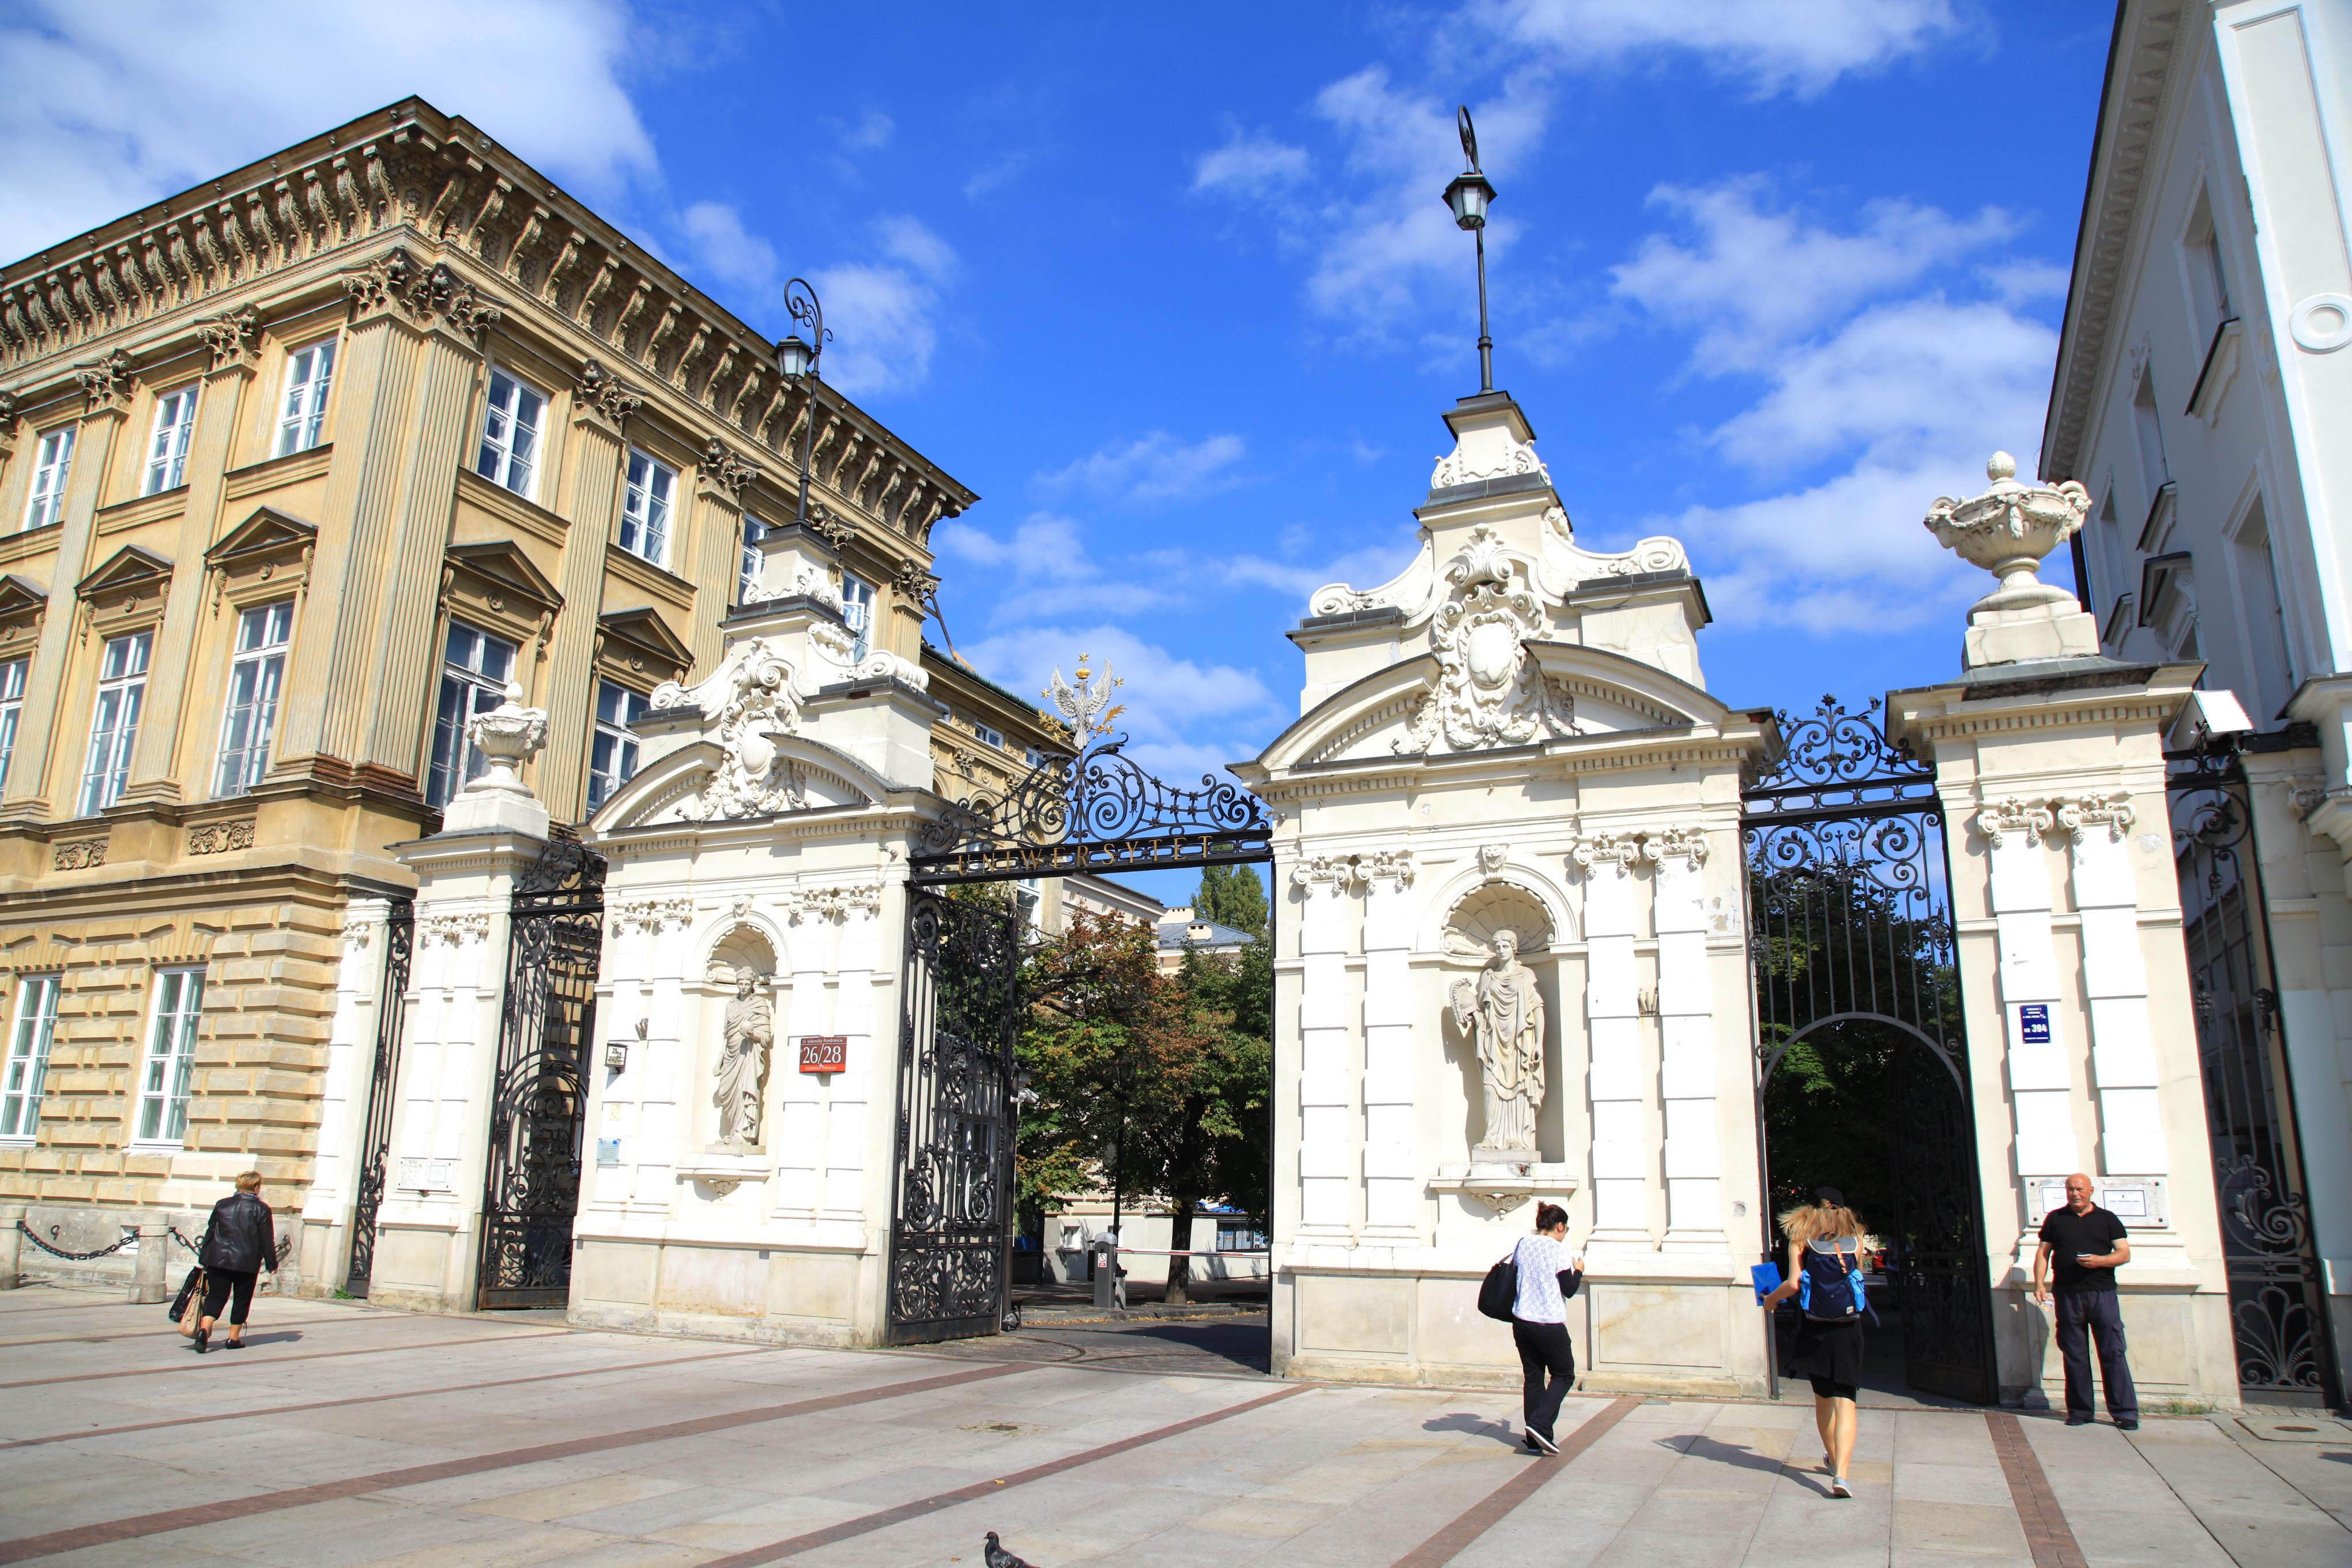 大学��.i�l>[�s3Z�_东欧十大qs榜上有名大学,波兰占了2个